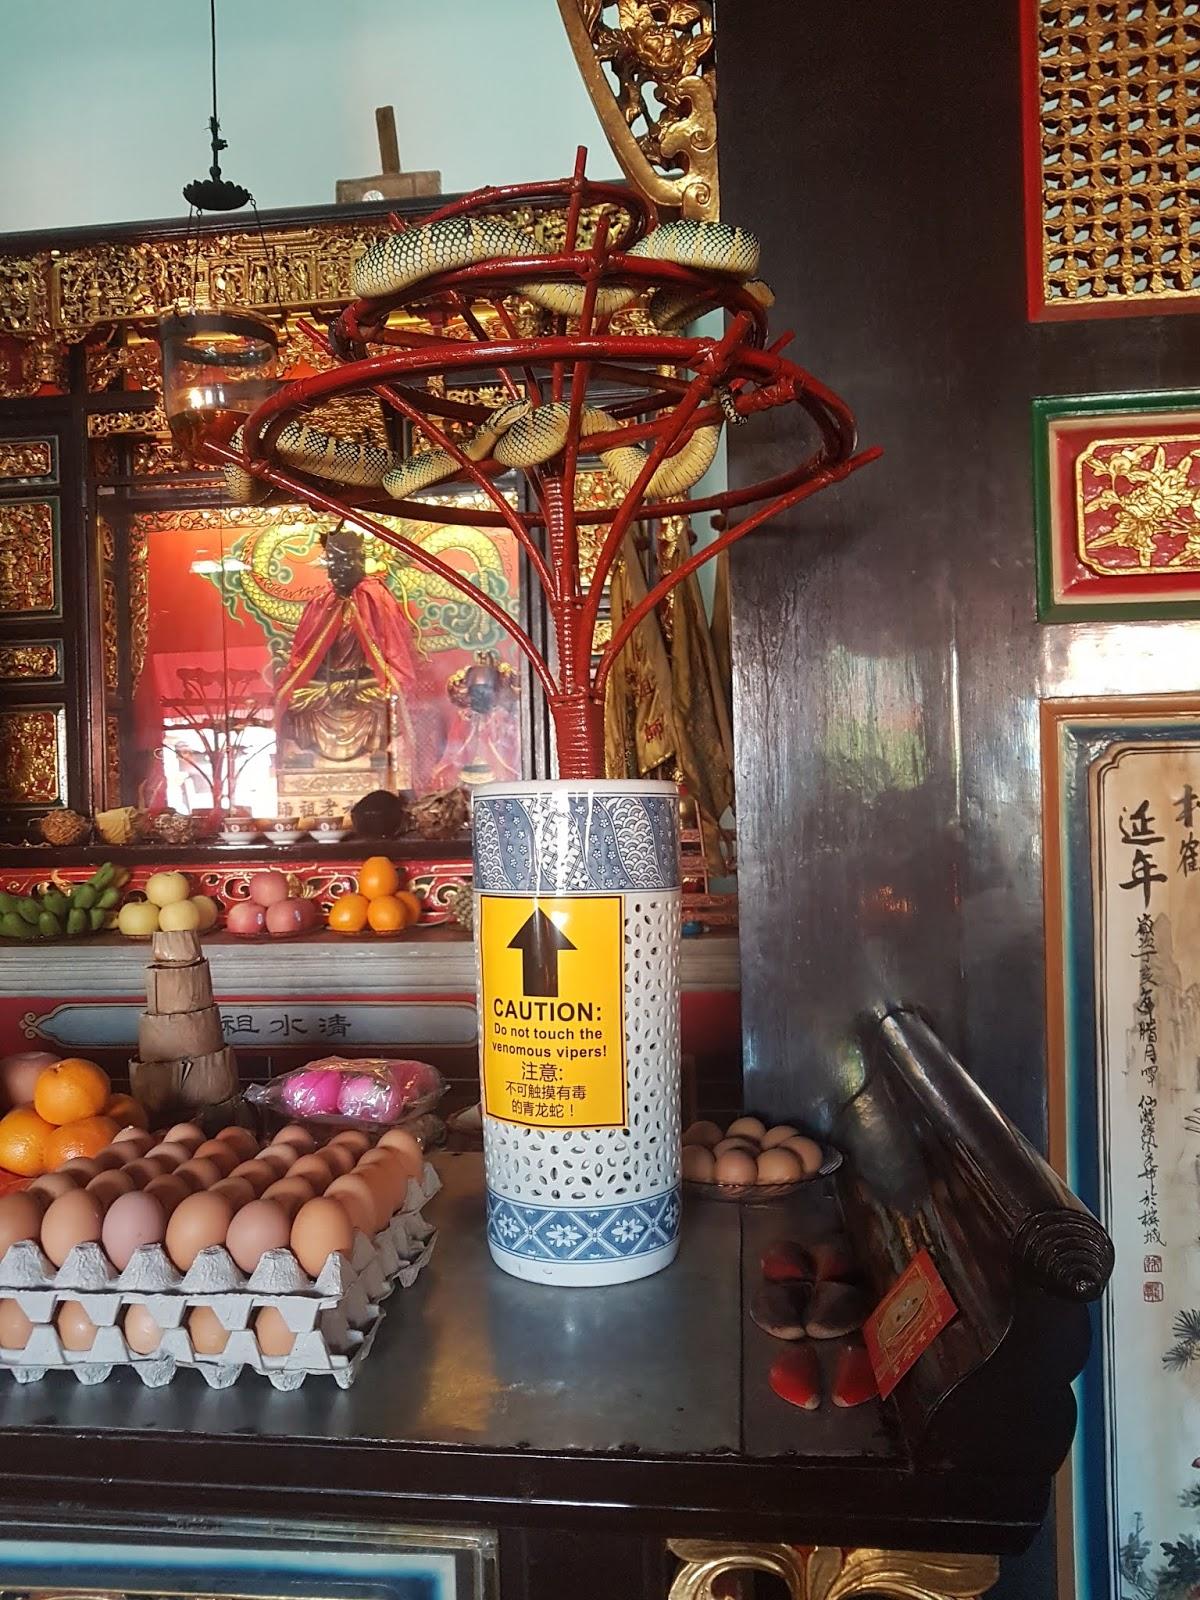 Vipers at Penang Snake Temple | Ummi Goes Where?